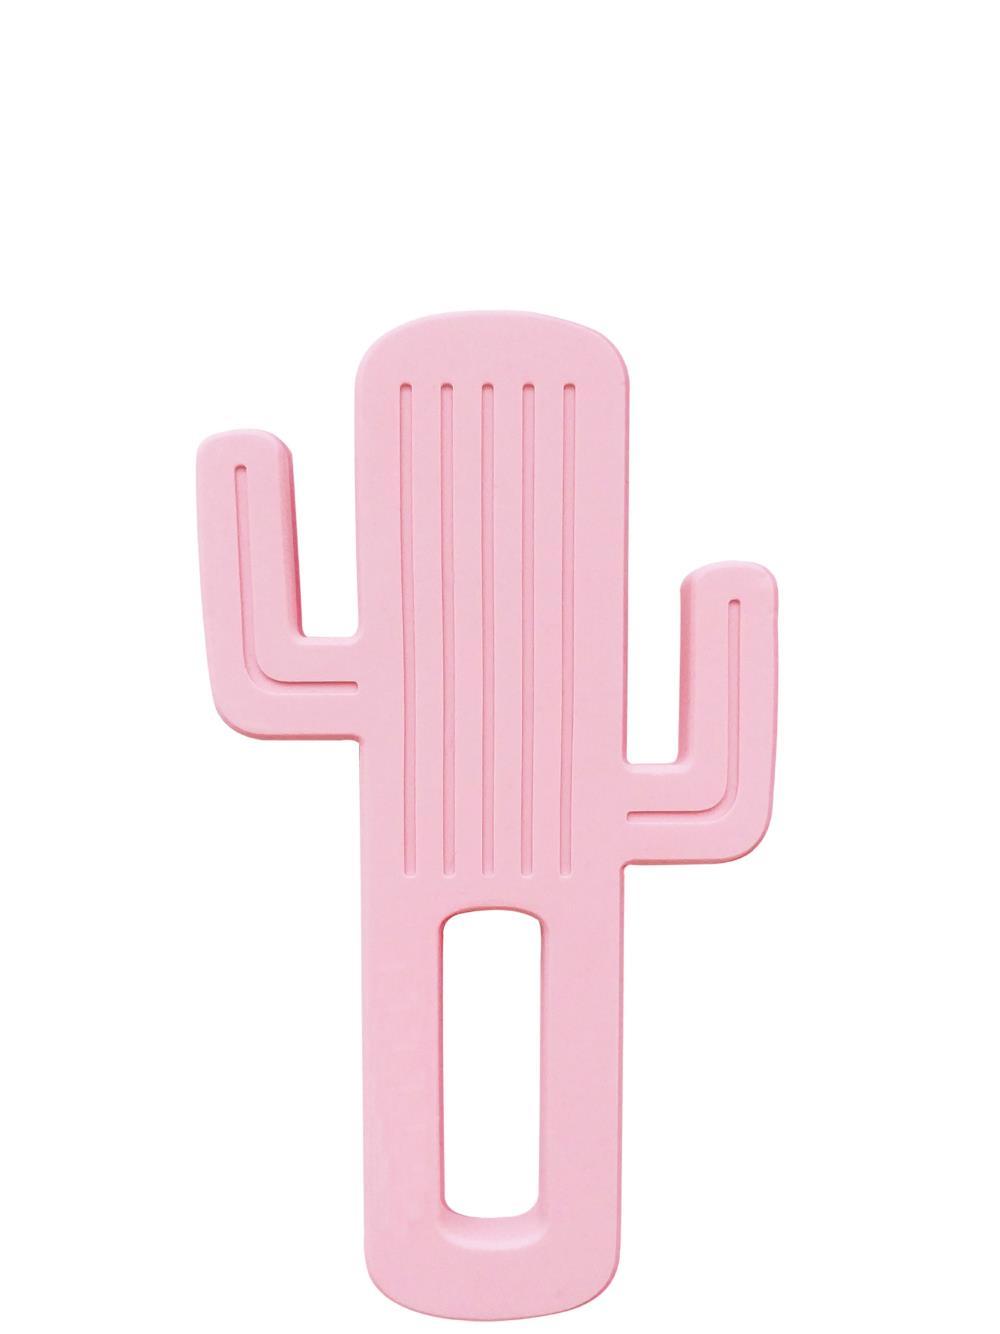 MINIKOIOI Gryzak silikonowy Kaktus RÓŻOWY